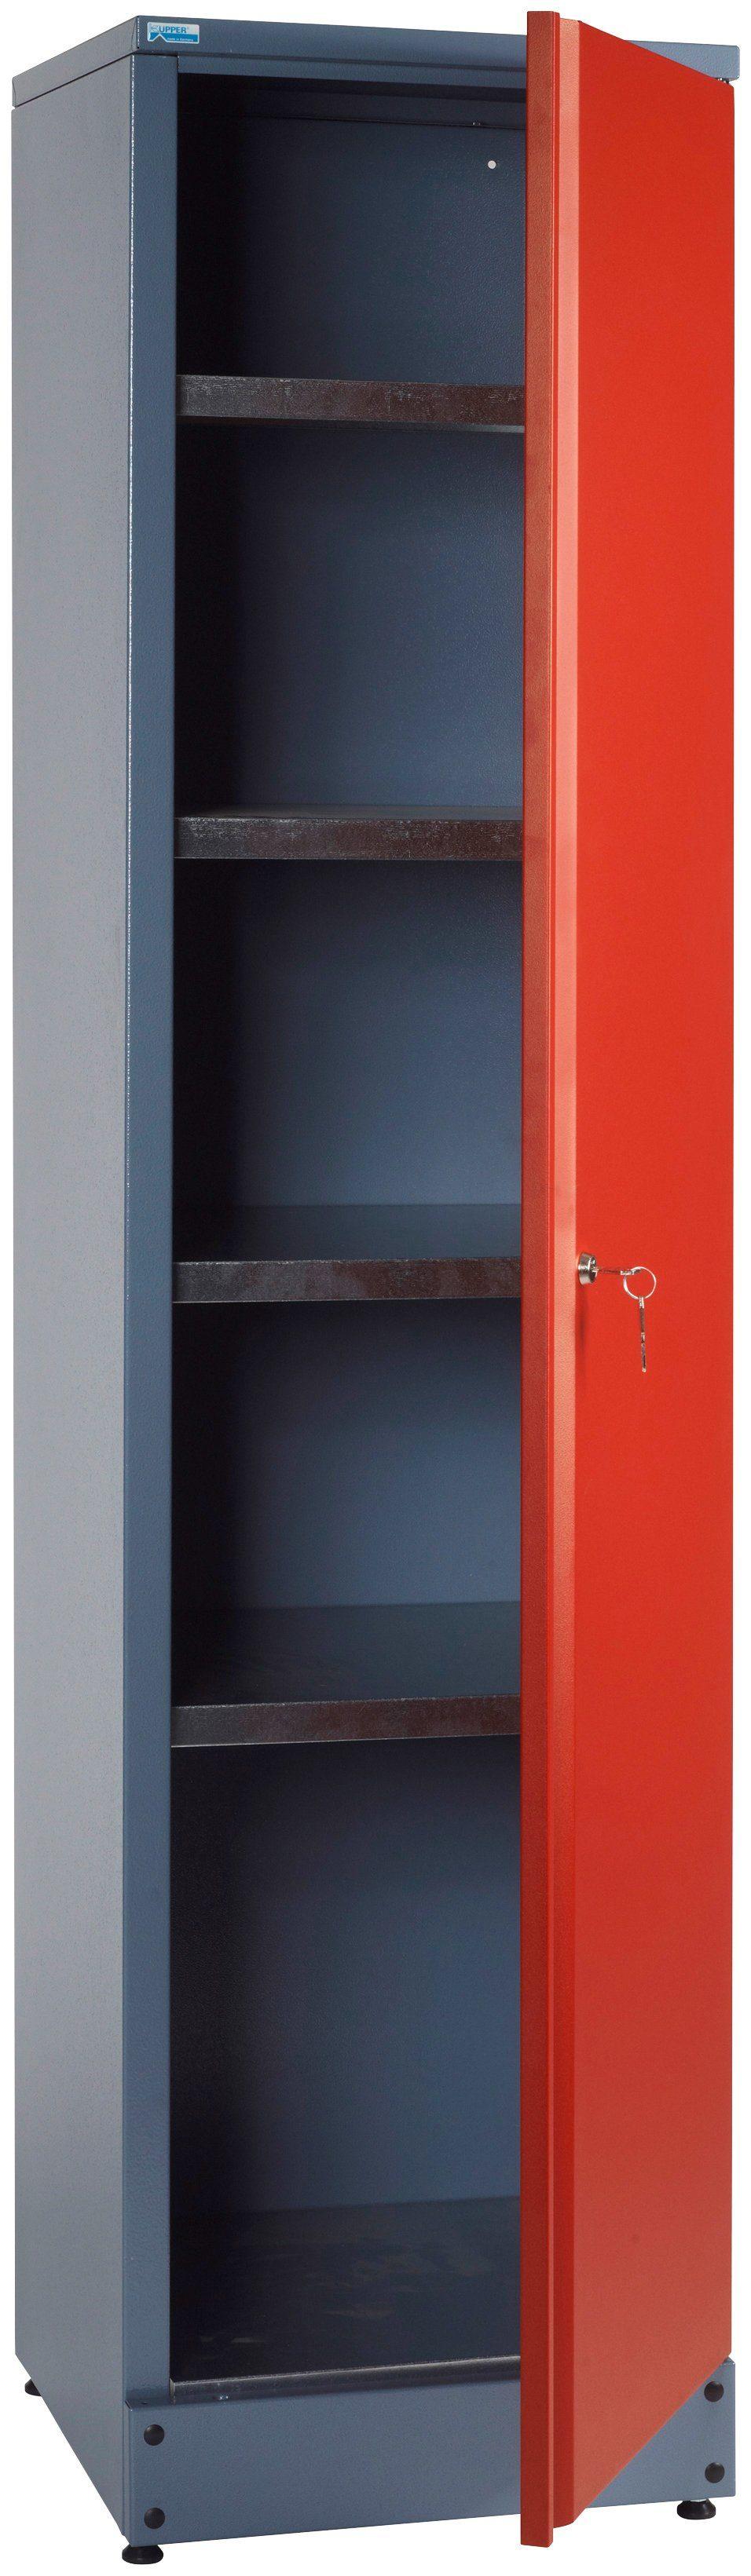 Küpper Hochschrank »1 Tür, 4 Einlegeböden, in rot«